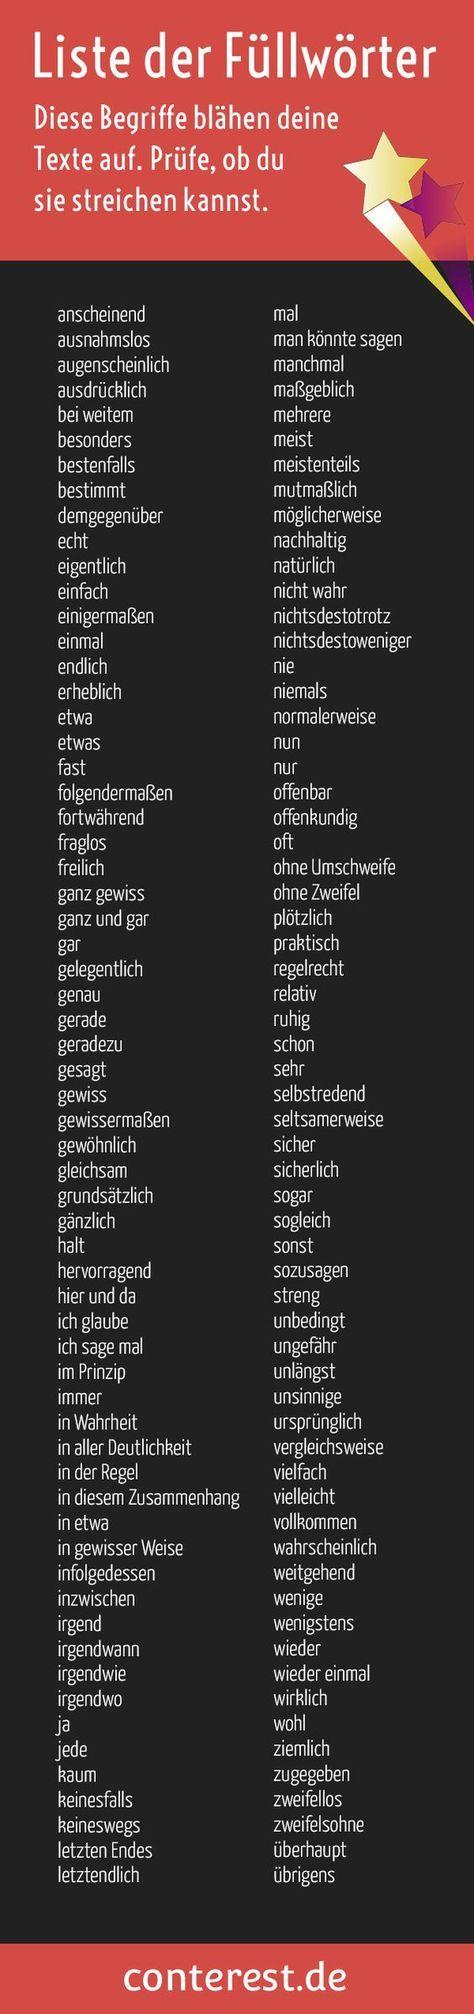 Füllwörter - Liste mit Wörtern, die du aus deinen Texten streichen kannst